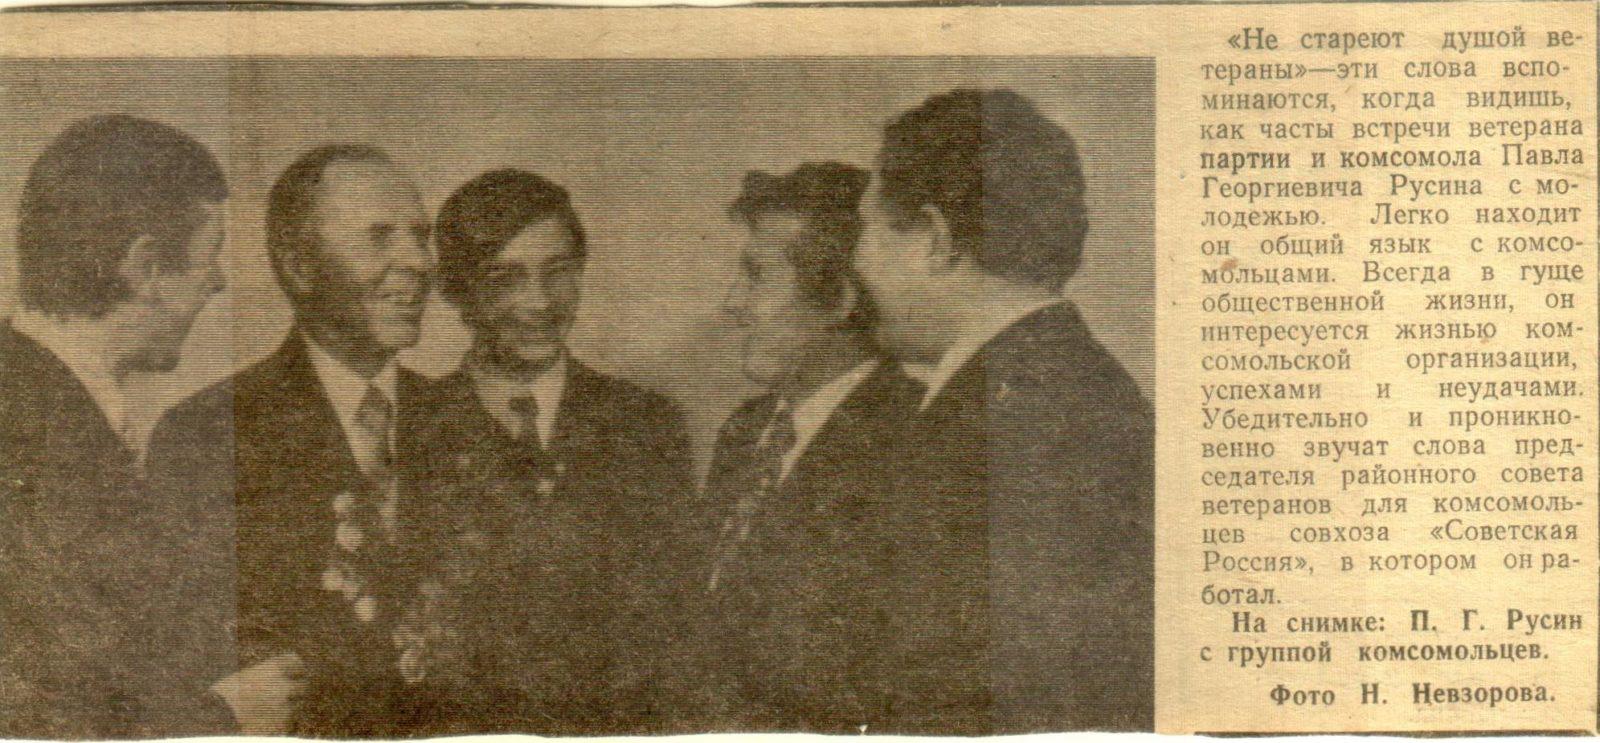 Ветеран с группой комсомольцев.